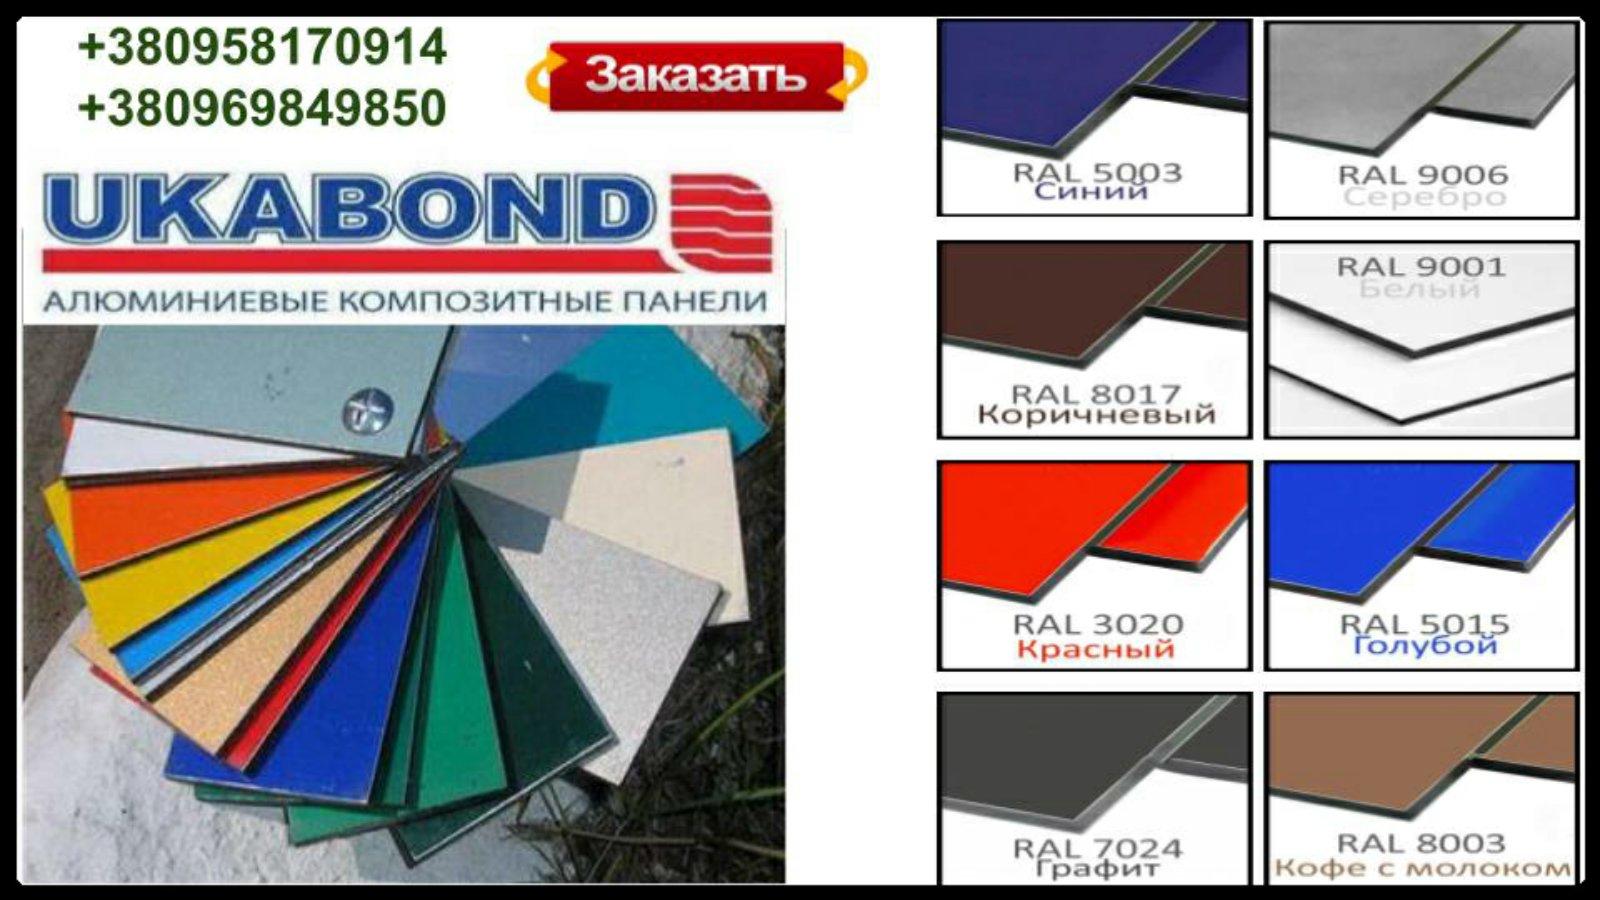 Алюминиевые композитные панели (АКП) UKABOND